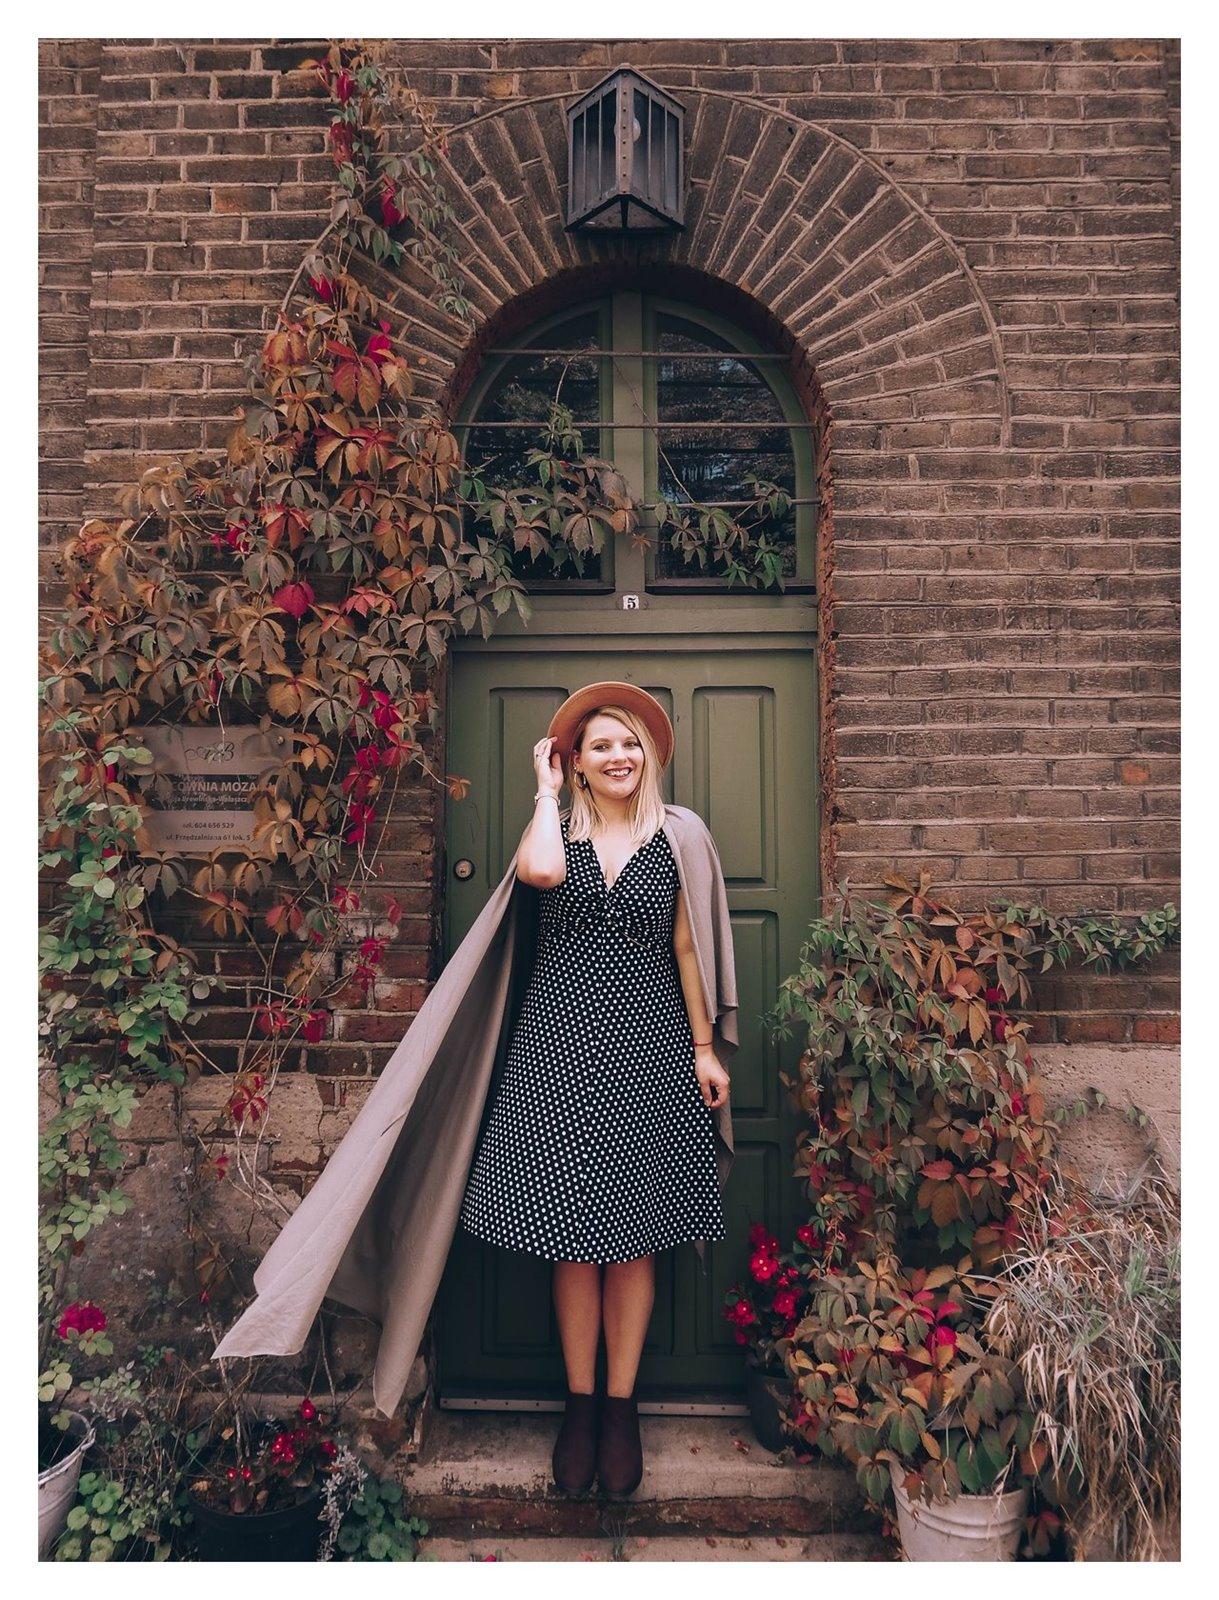 10 jak zdobyć popularność na instagramie oszustwa kłamstwa blogerów jak blogosfera kłamie reklamy na blogach facebooku stylizacja blog łódź melodylaniella bonprix sukienka kapelusz hot moda cado szal sukienka